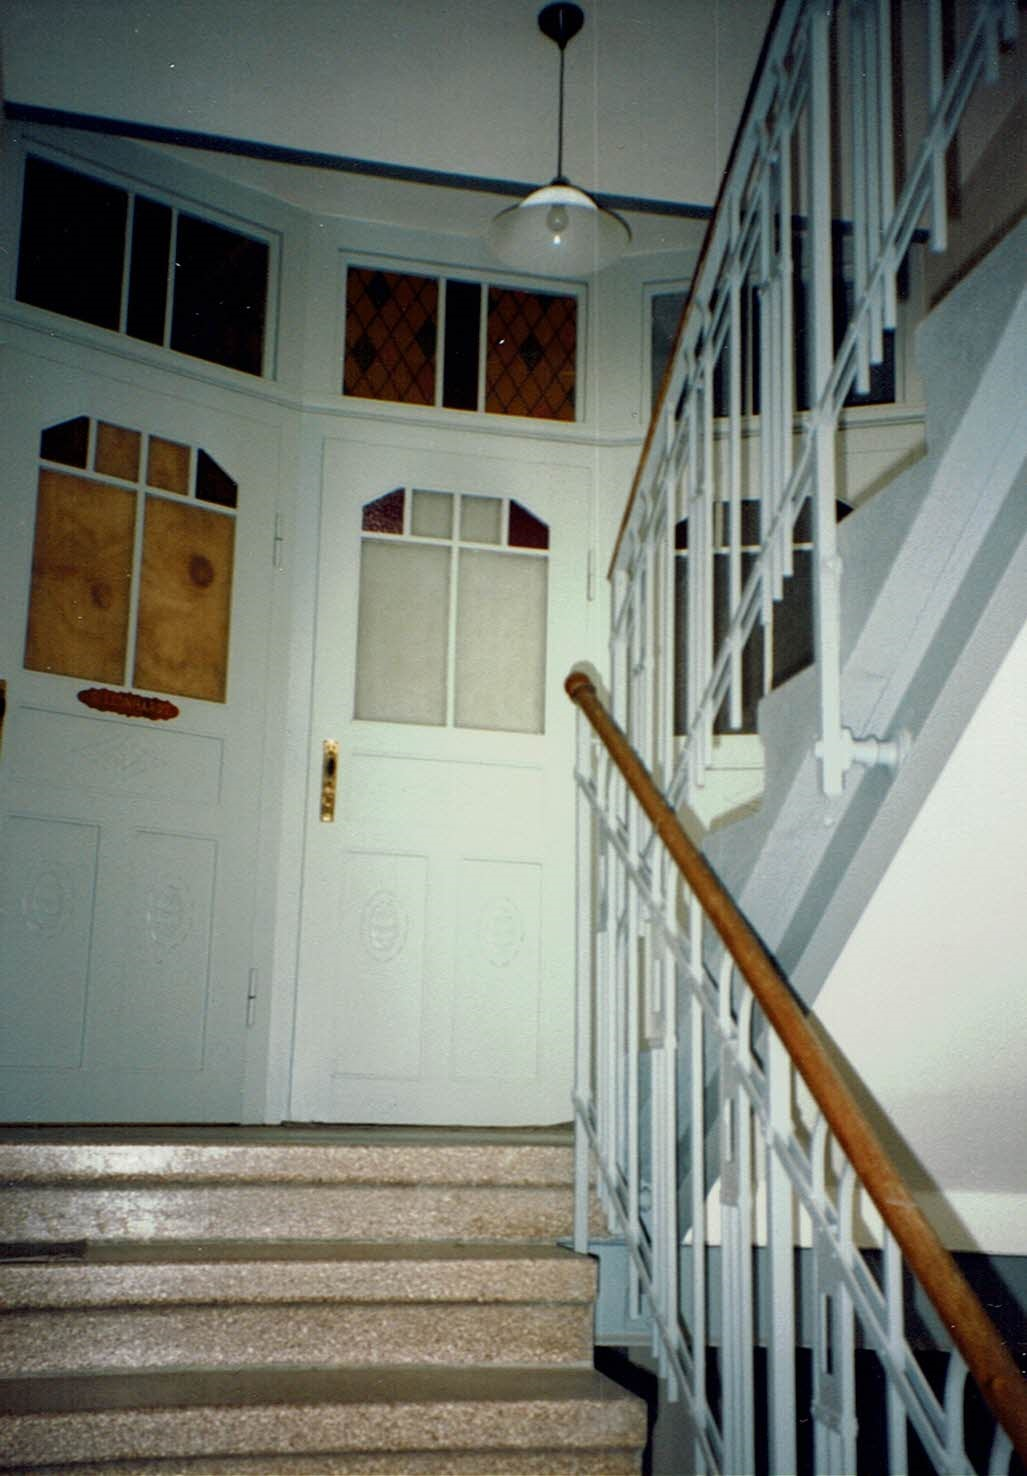 s09 fotogalerie ib architektur bauplanung bauleitung chemnitz sachsen. Black Bedroom Furniture Sets. Home Design Ideas